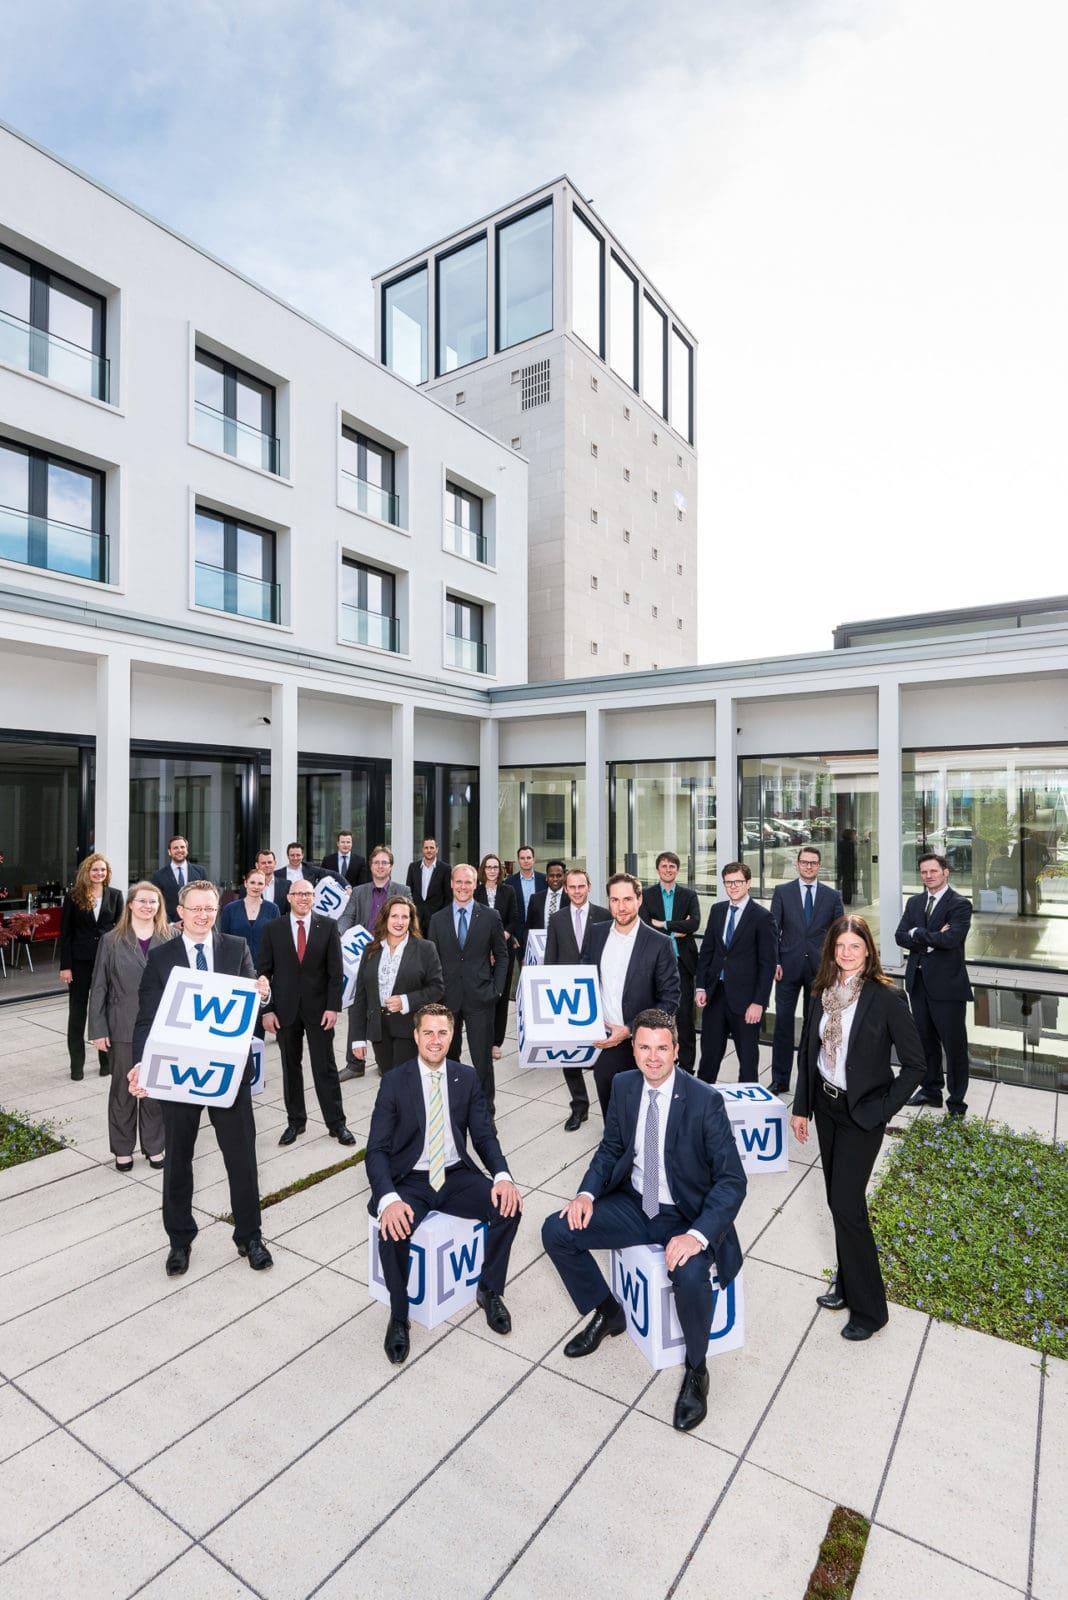 Businessfotografie Gruppenaufnahme der Wirtschaftsjunioren Dortmund für deren aktuelles Magazin